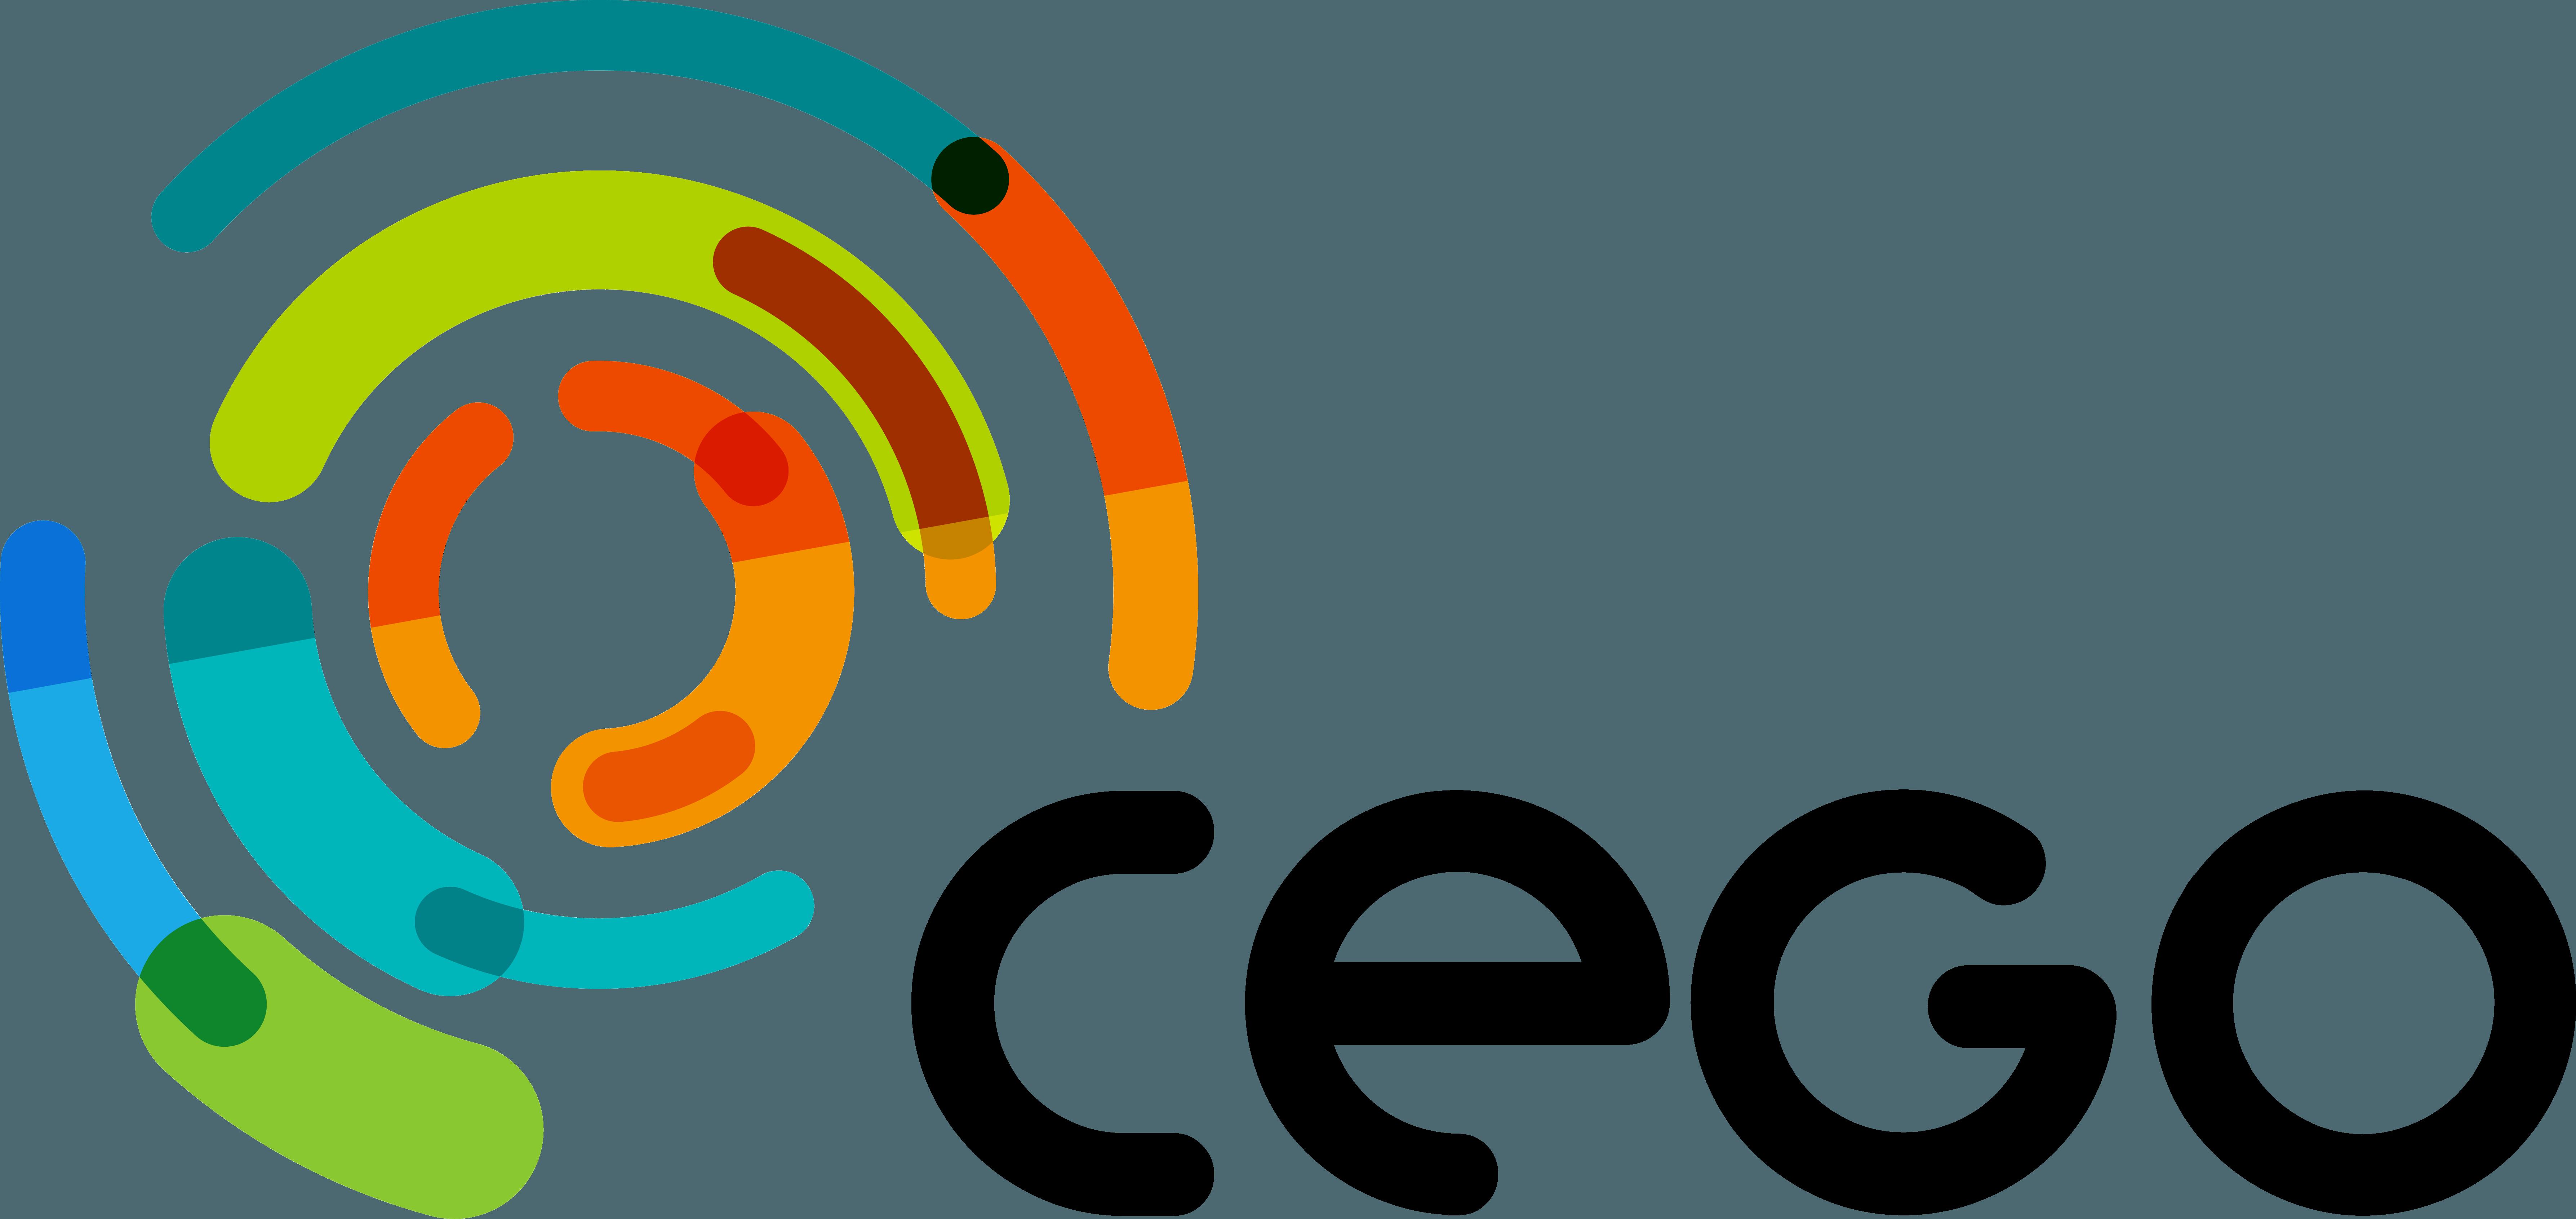 Cego Vorming & Consult Logo